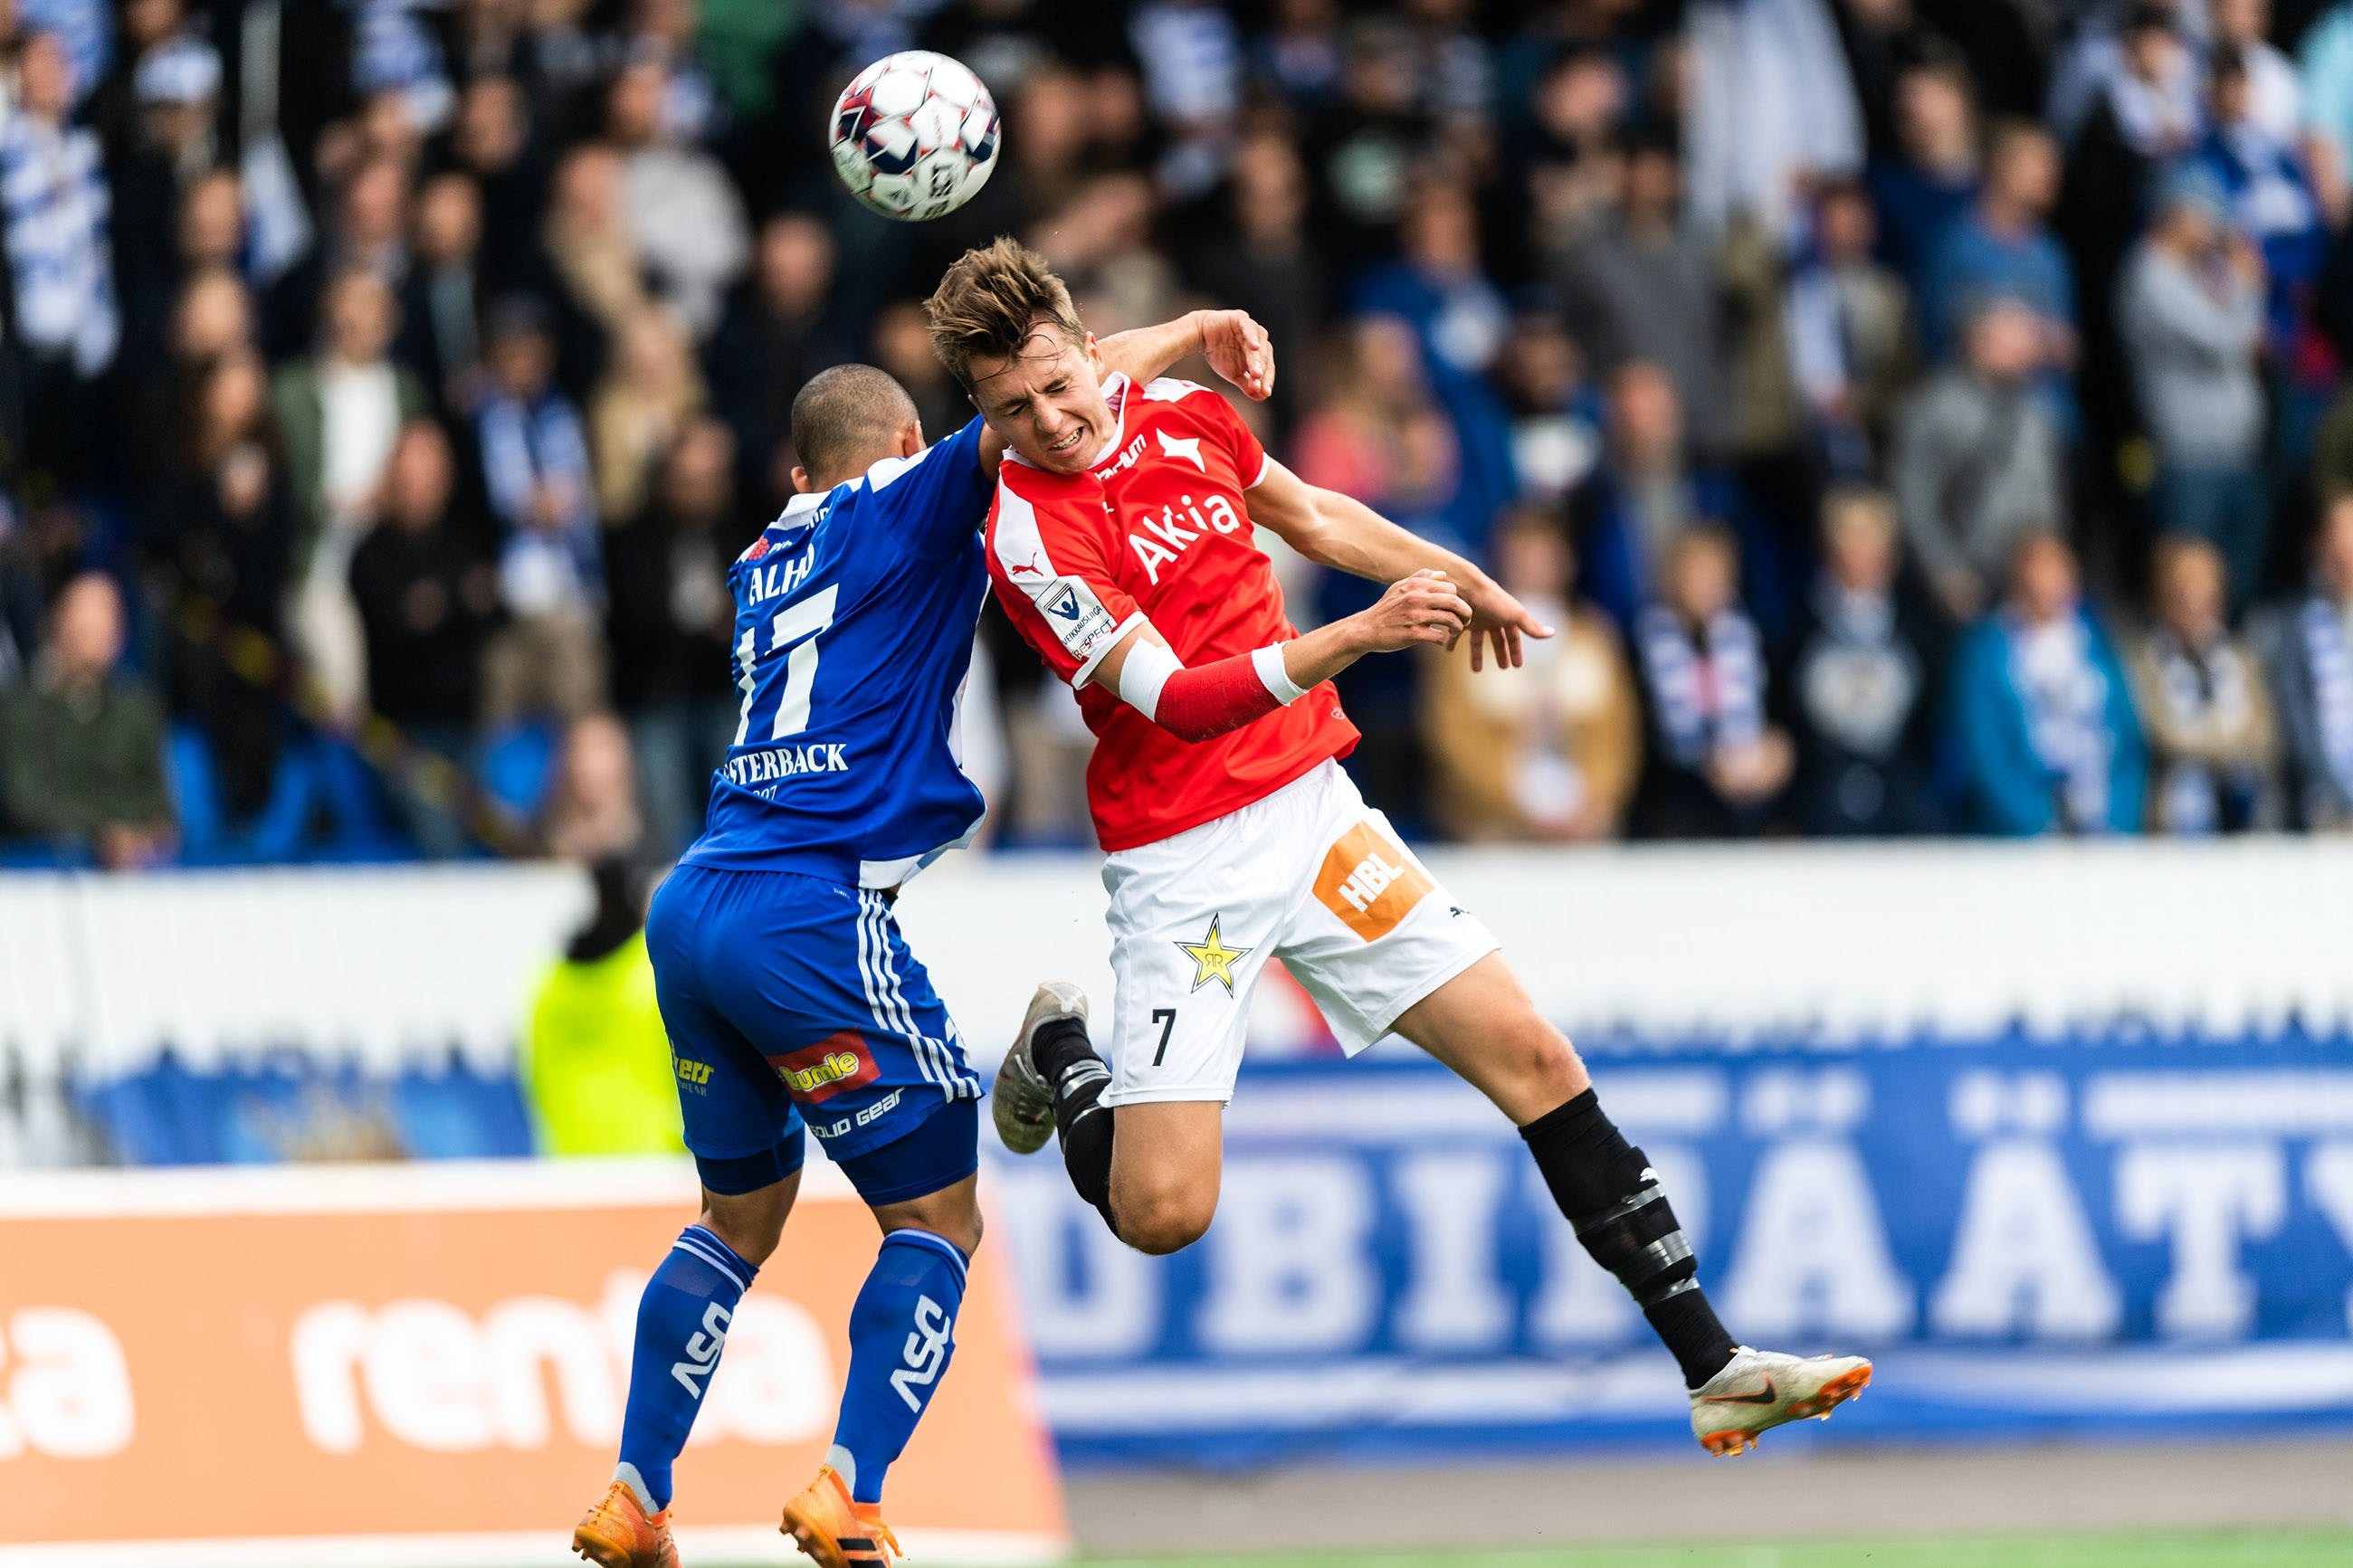 Otteluraportti: HJK vei voiton Stadin Derbyssä